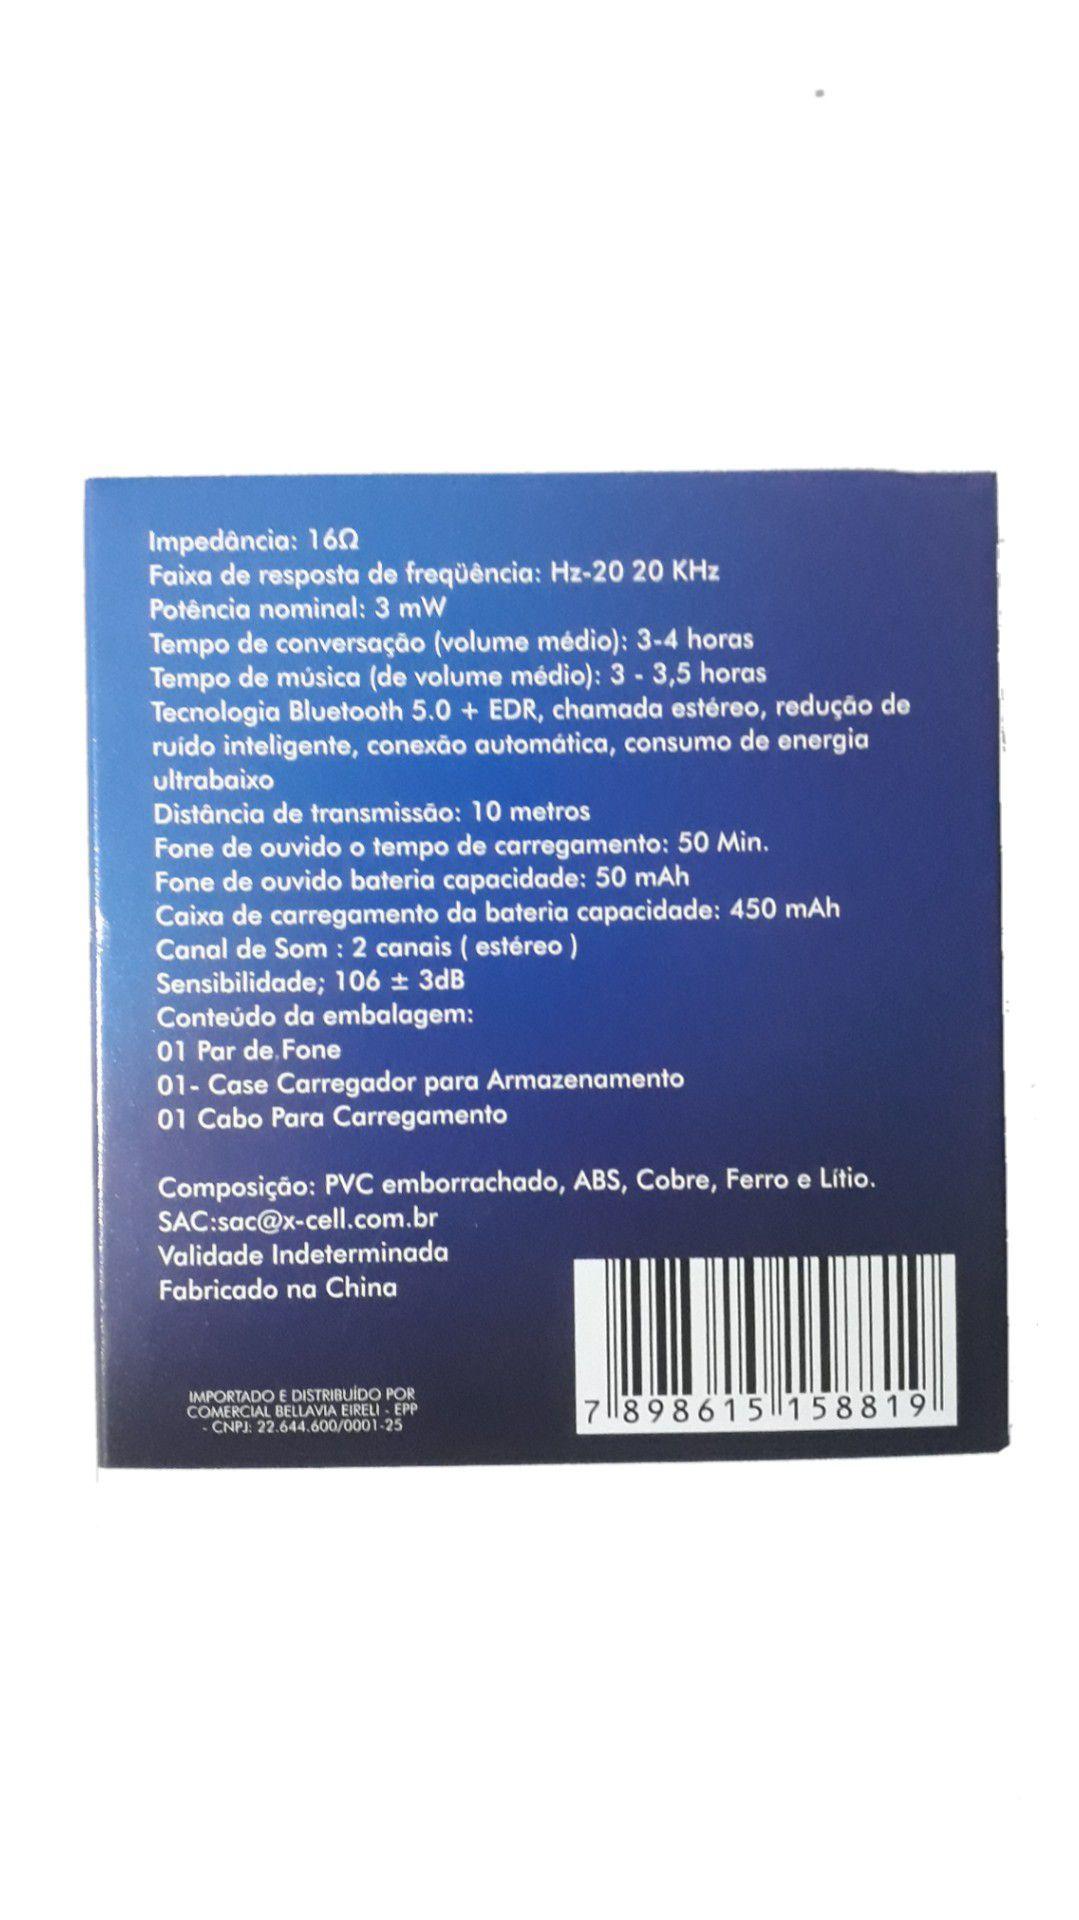 FONE OUVIDO XCELL BLUETOOTH XC-BTH 20 C/CARREGADOR 2FONES